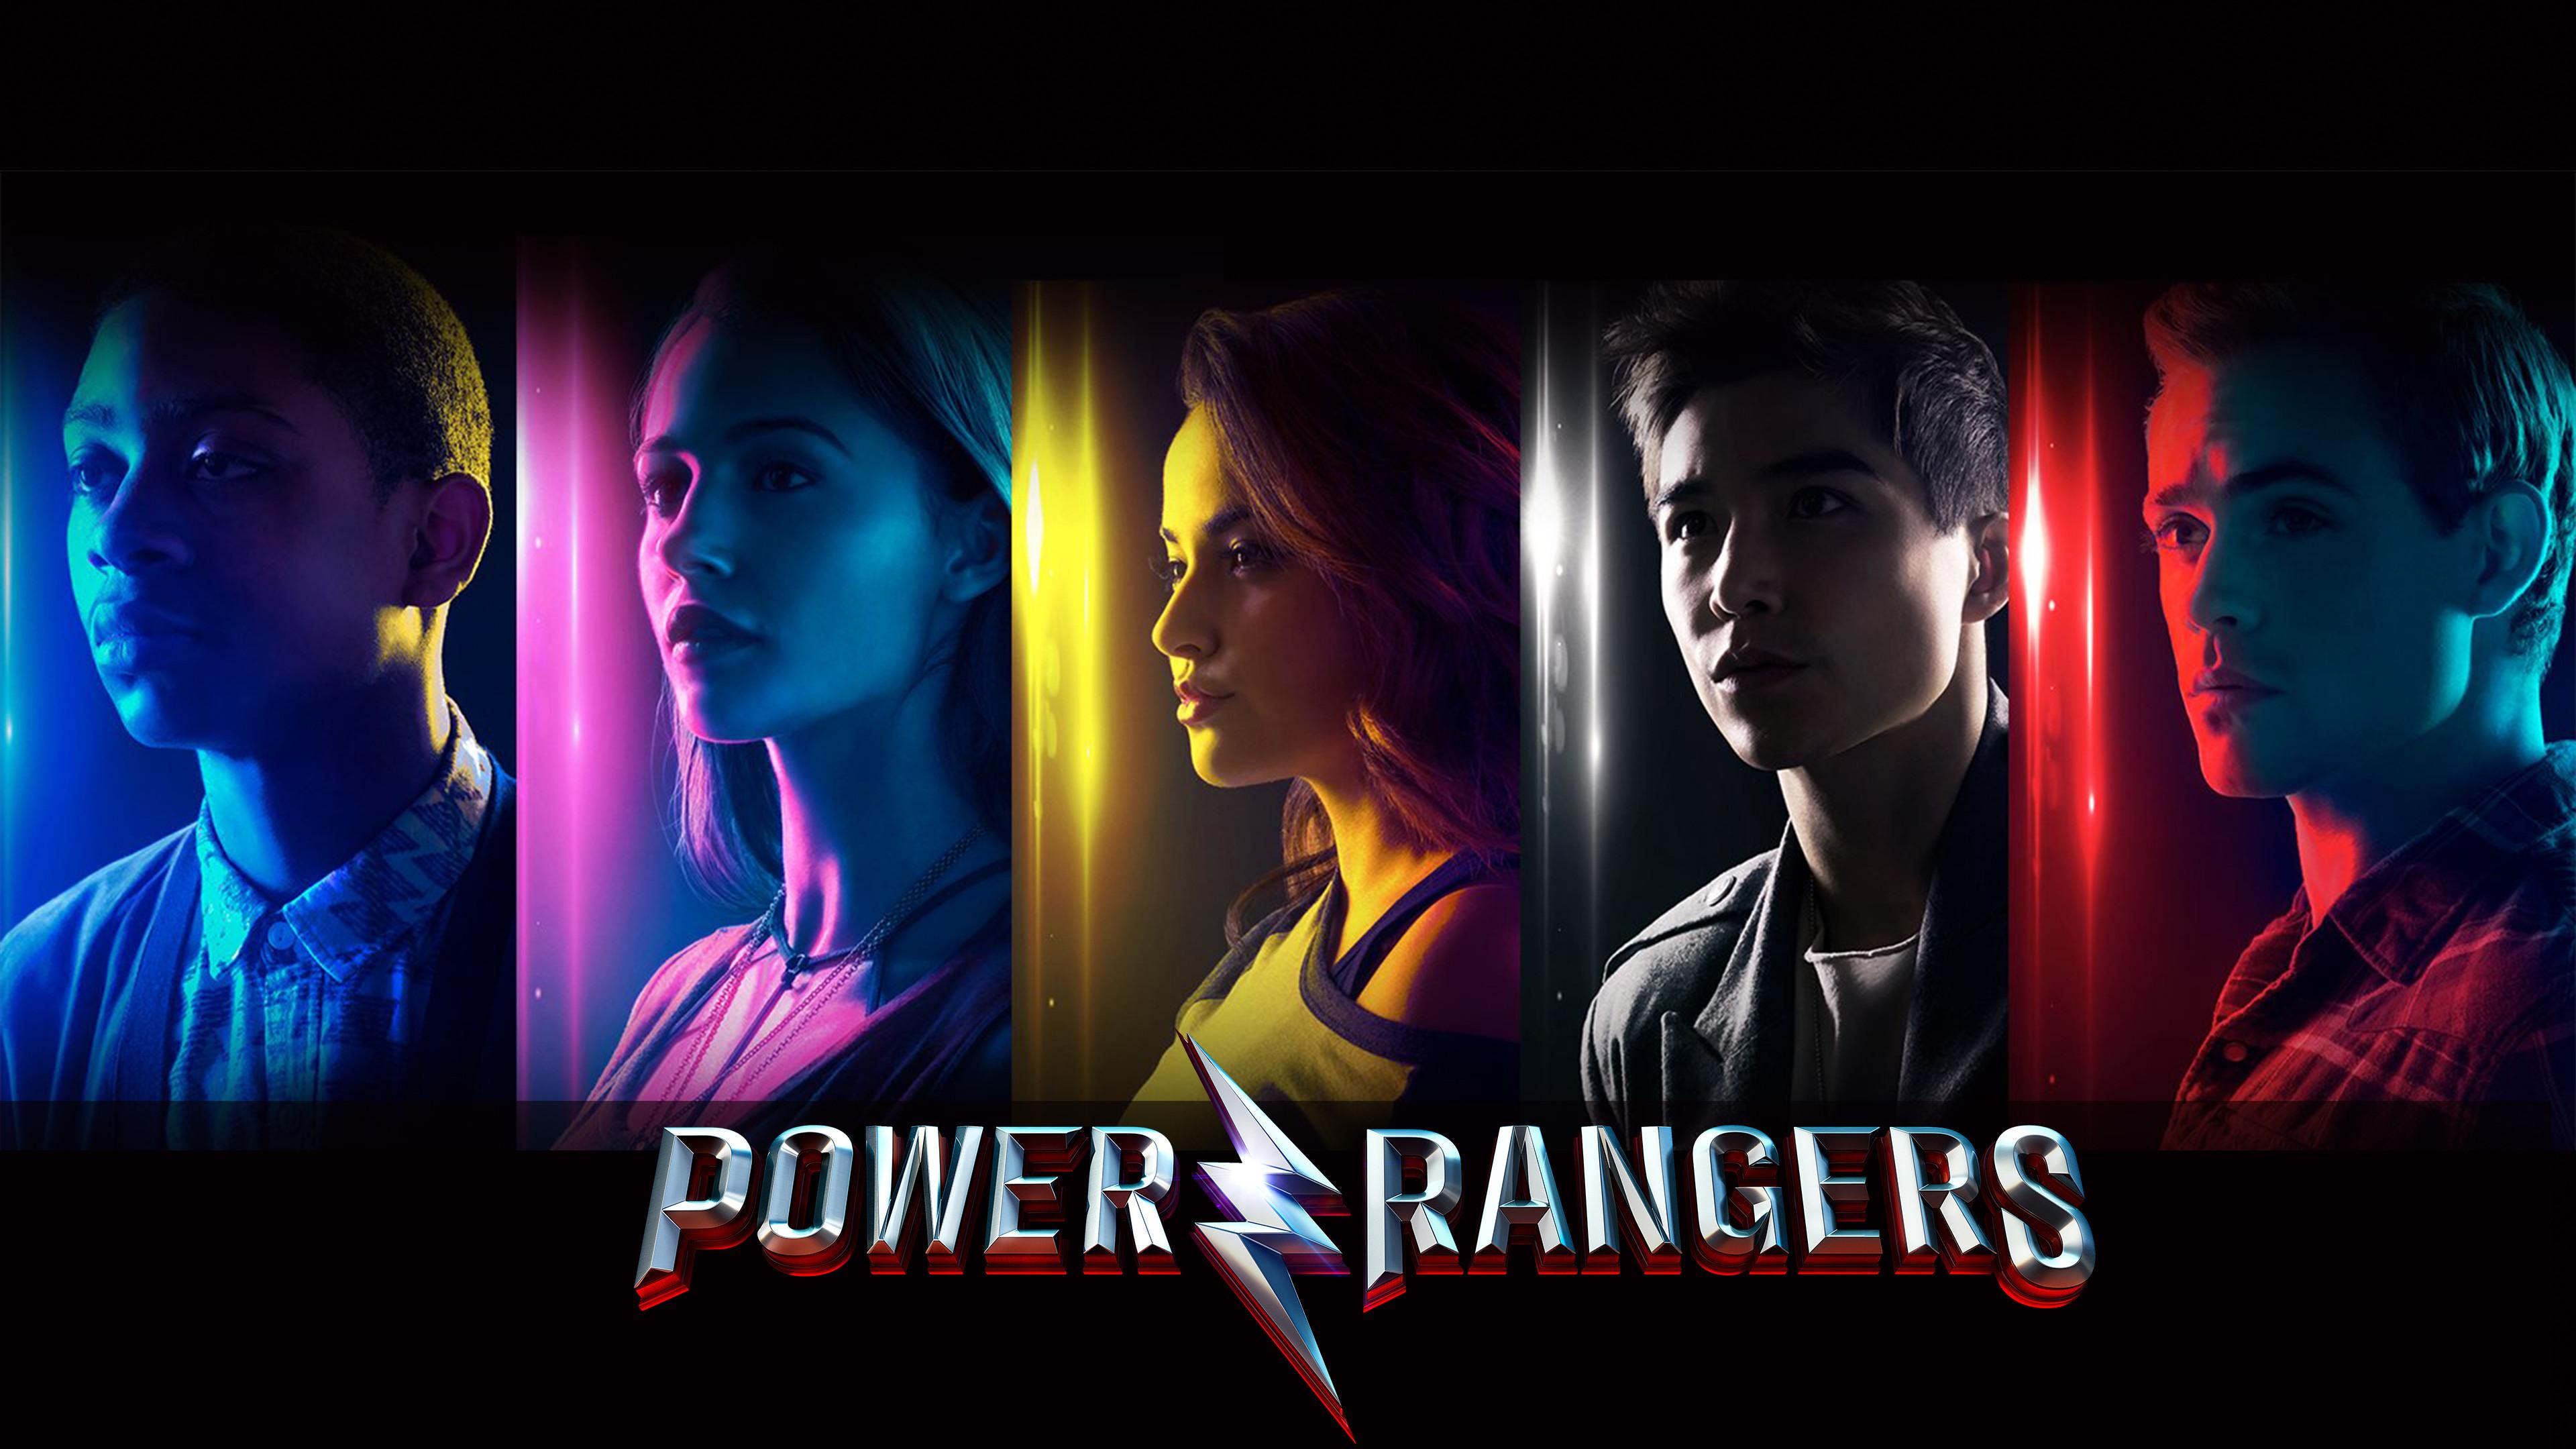 Res: 3840x2160, Power Rangers Movie 4K 2017